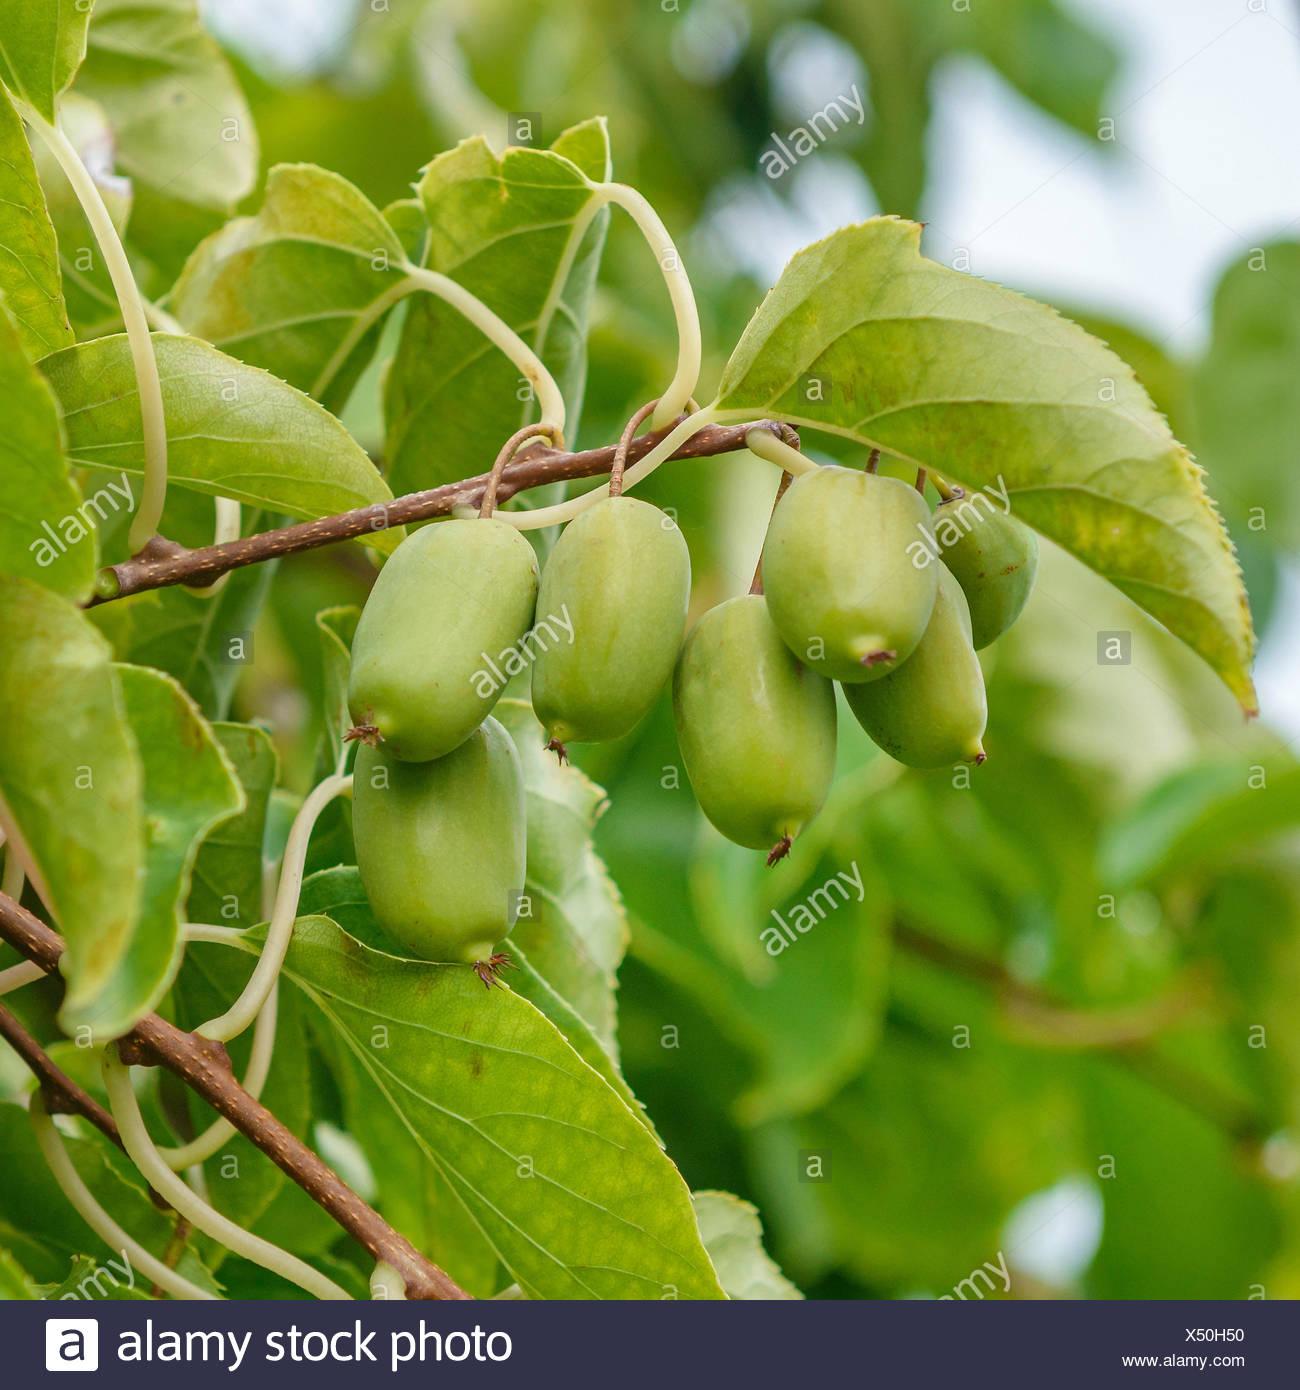 Tara Vine, Bower Actinidia, Mini Kiwi (Actinidia arguta 'Ambrosia', Actinidia arguta Ambrosia), cultivar Ambrosia, Germany - Stock Image